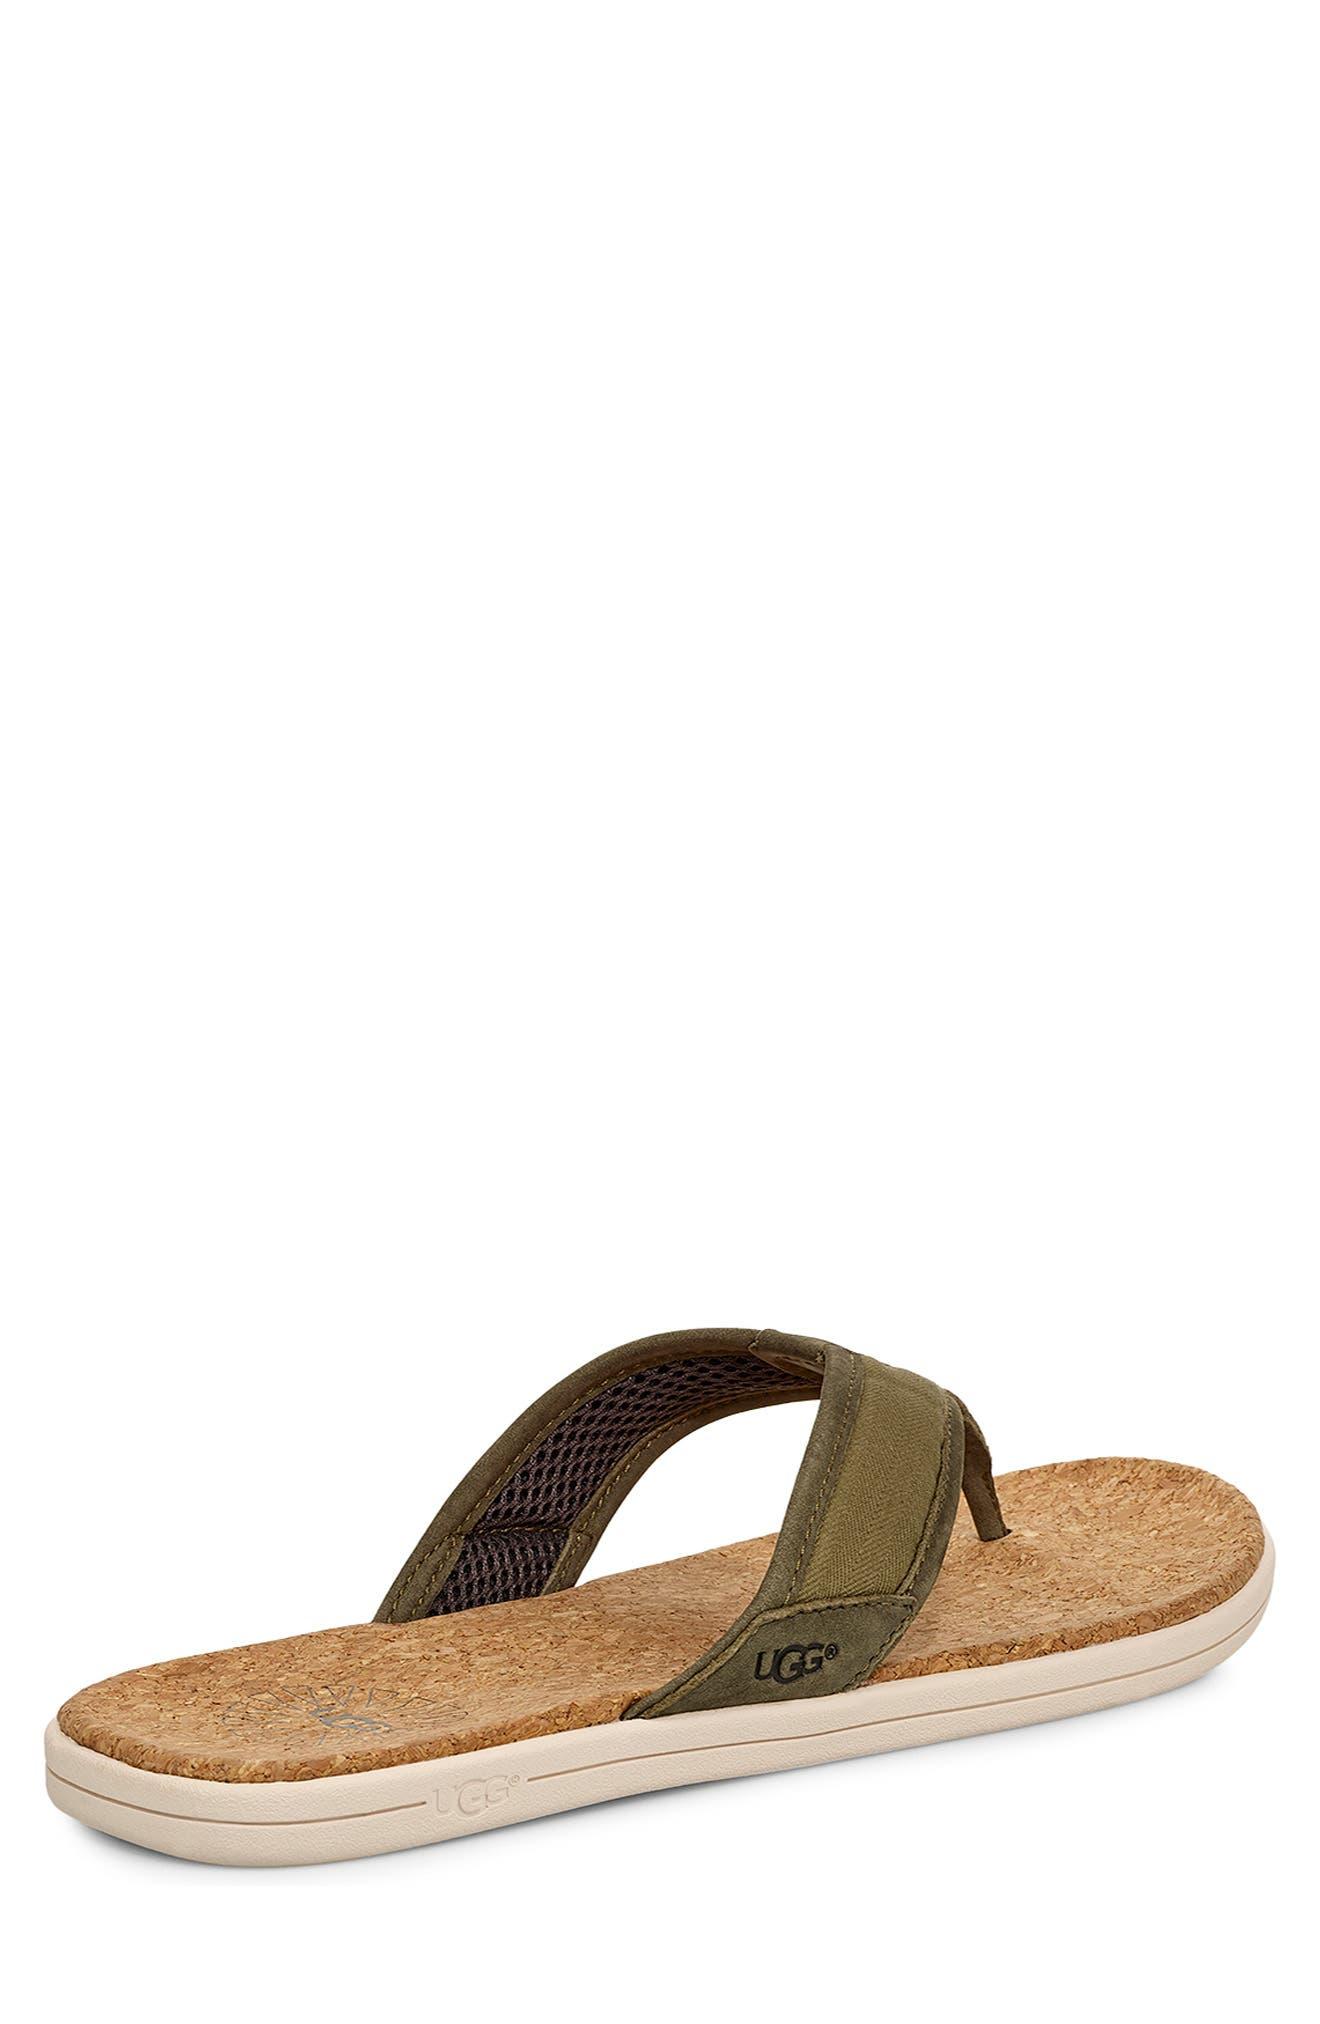 432e72d7397 Men's UGG® Sandals, Slides & Flip-Flops | Nordstrom